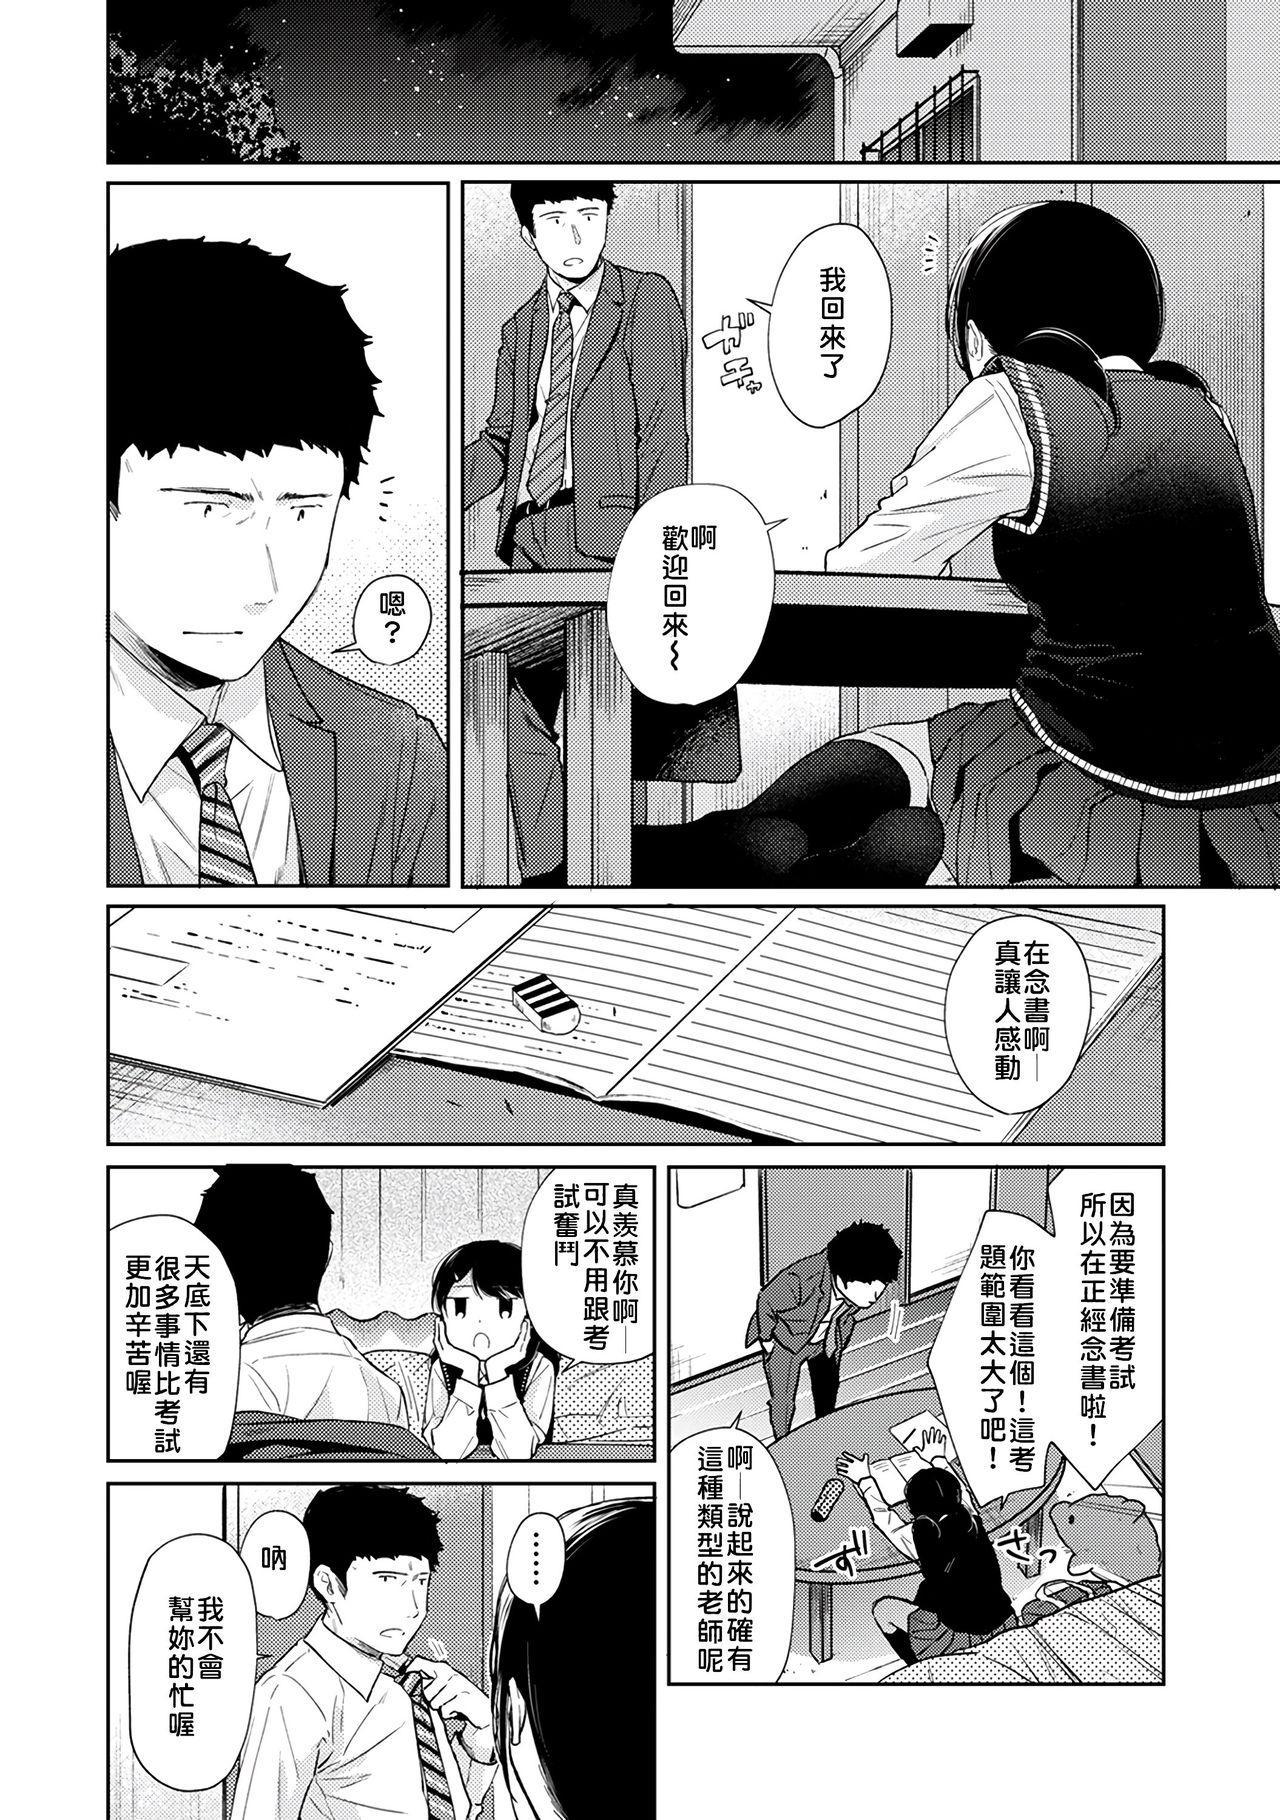 1LDK+JK Ikinari Doukyo? Micchaku!? Hatsu Ecchi!!?   1LDK+JK 突然間展開同居? 極度貼近!?初體驗!? Ch. 18-22 120